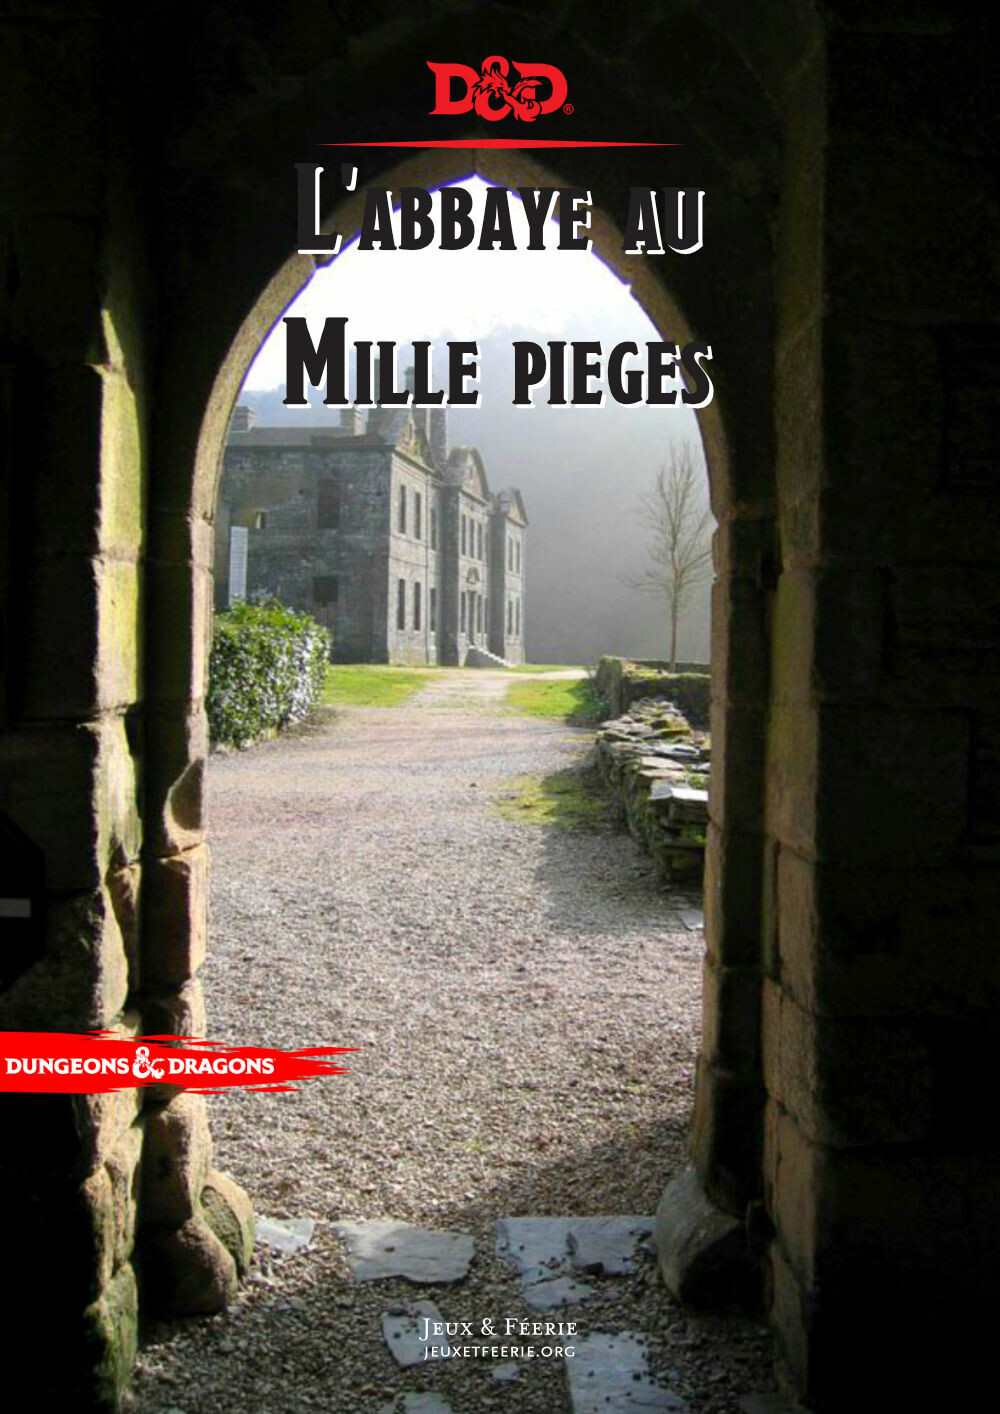 L'abbaye au mille pièges